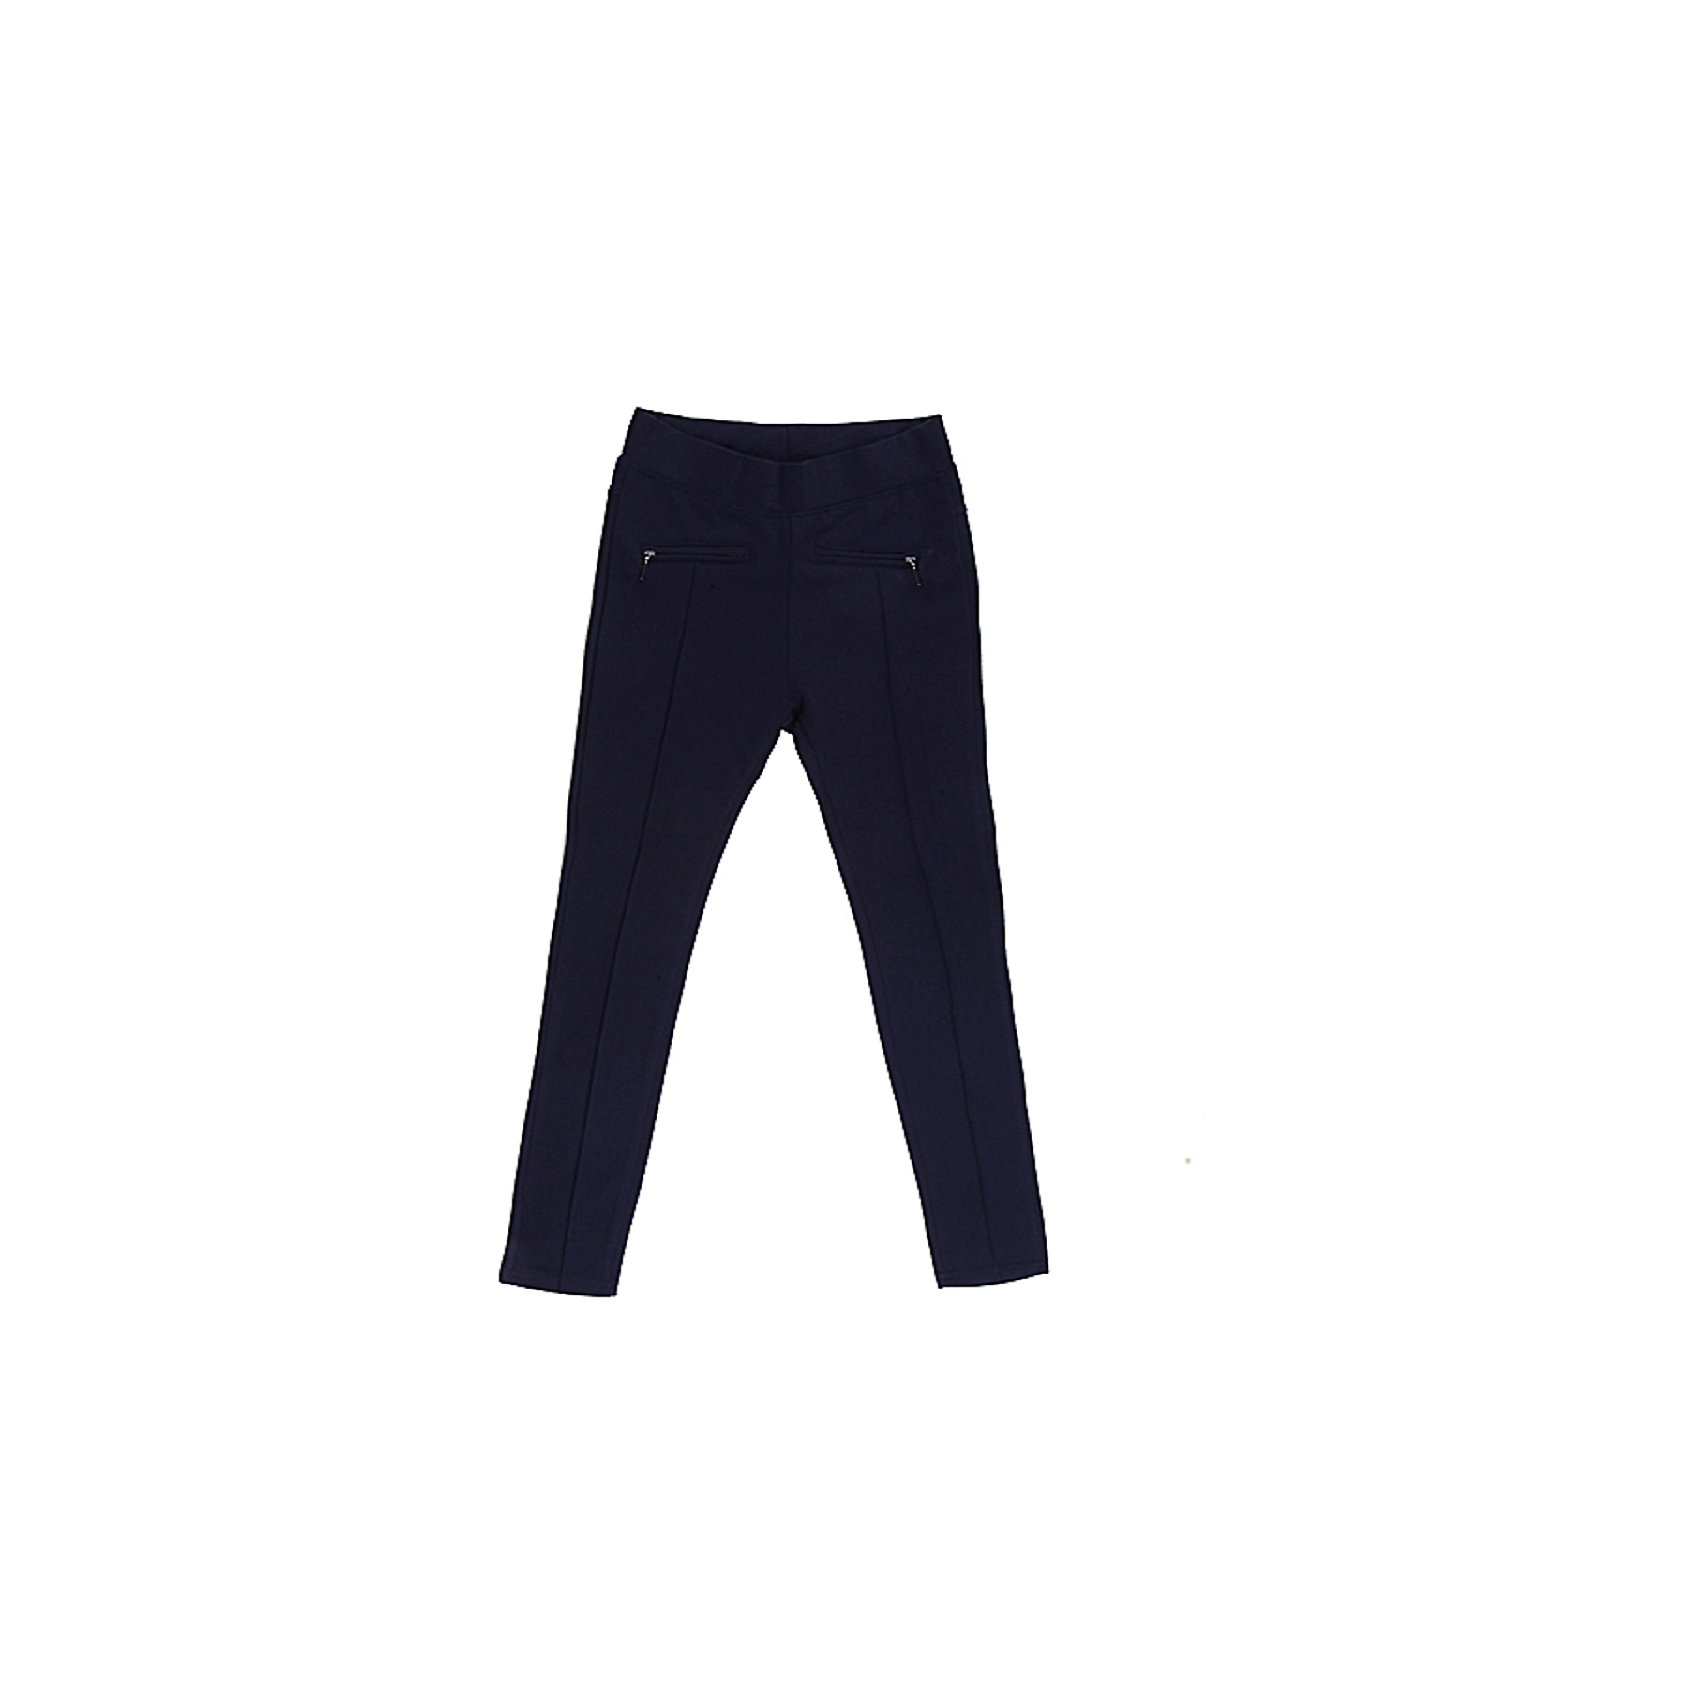 Брюки для девочки LuminosoБрюки<br>Брюки для девочки от известного бренда Luminoso<br>Стильные брюки прямого покроя с декоративными рельефными  стрелками и молниям. Модель выполнена из эластичного трикотажа высокого качества, в пояс вст<br>Состав:<br>65% хлопок, 30% полиэстер,  5% эластан<br><br>Ширина мм: 215<br>Глубина мм: 88<br>Высота мм: 191<br>Вес г: 336<br>Цвет: синий<br>Возраст от месяцев: 84<br>Возраст до месяцев: 96<br>Пол: Женский<br>Возраст: Детский<br>Размер: 128,134,140,146,152,158,164<br>SKU: 4728973